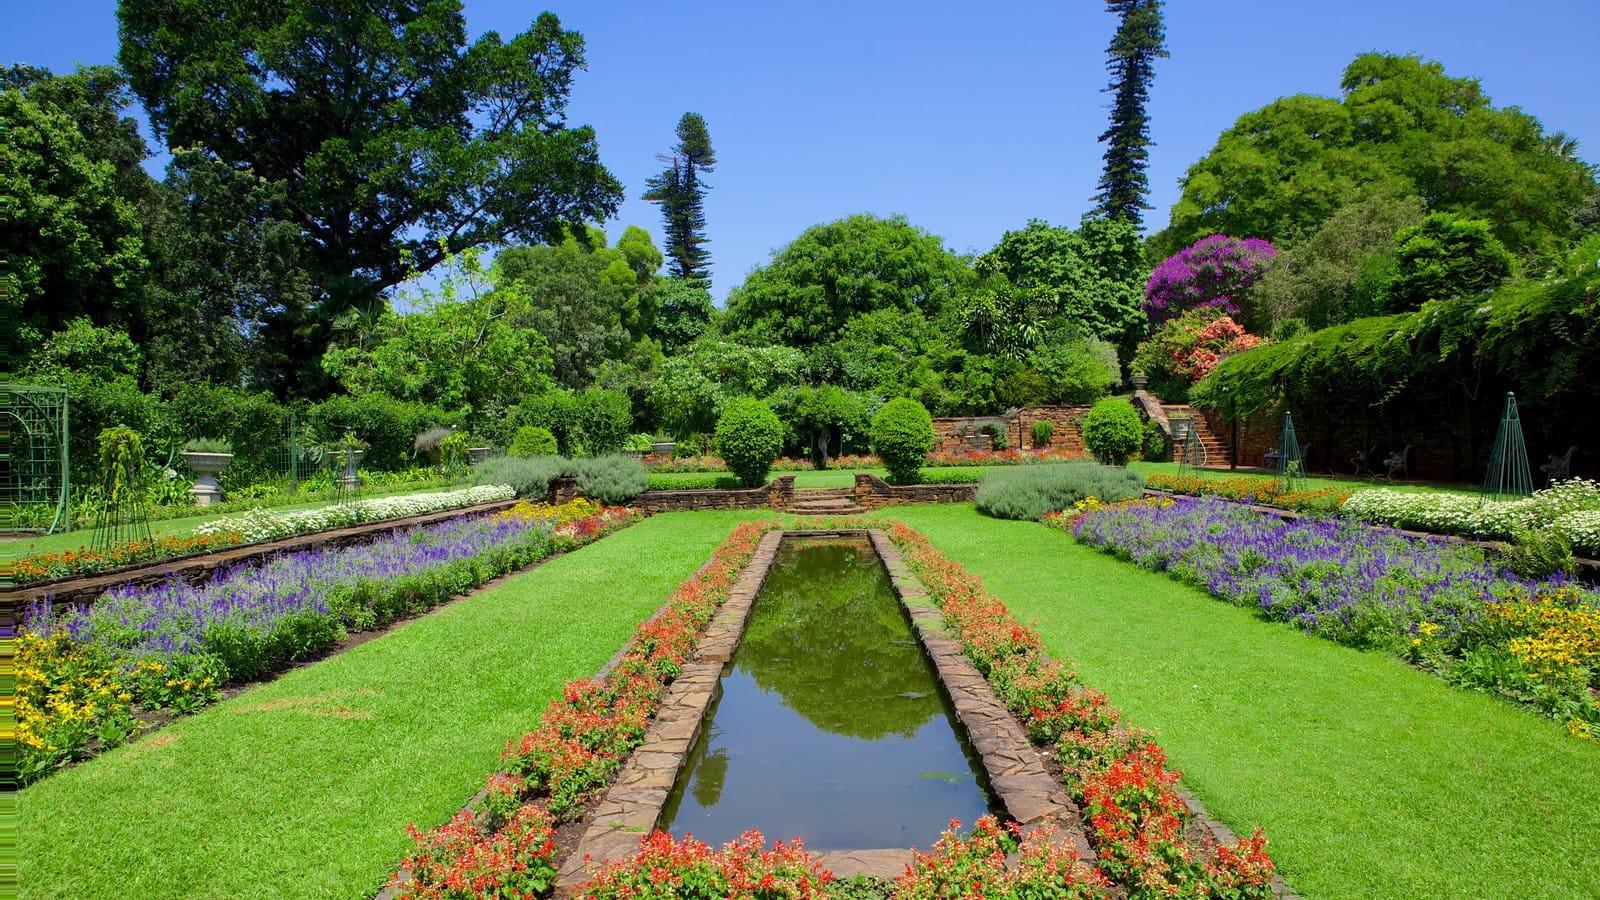 Les jardins botaniques de Durban en Afrique du sud